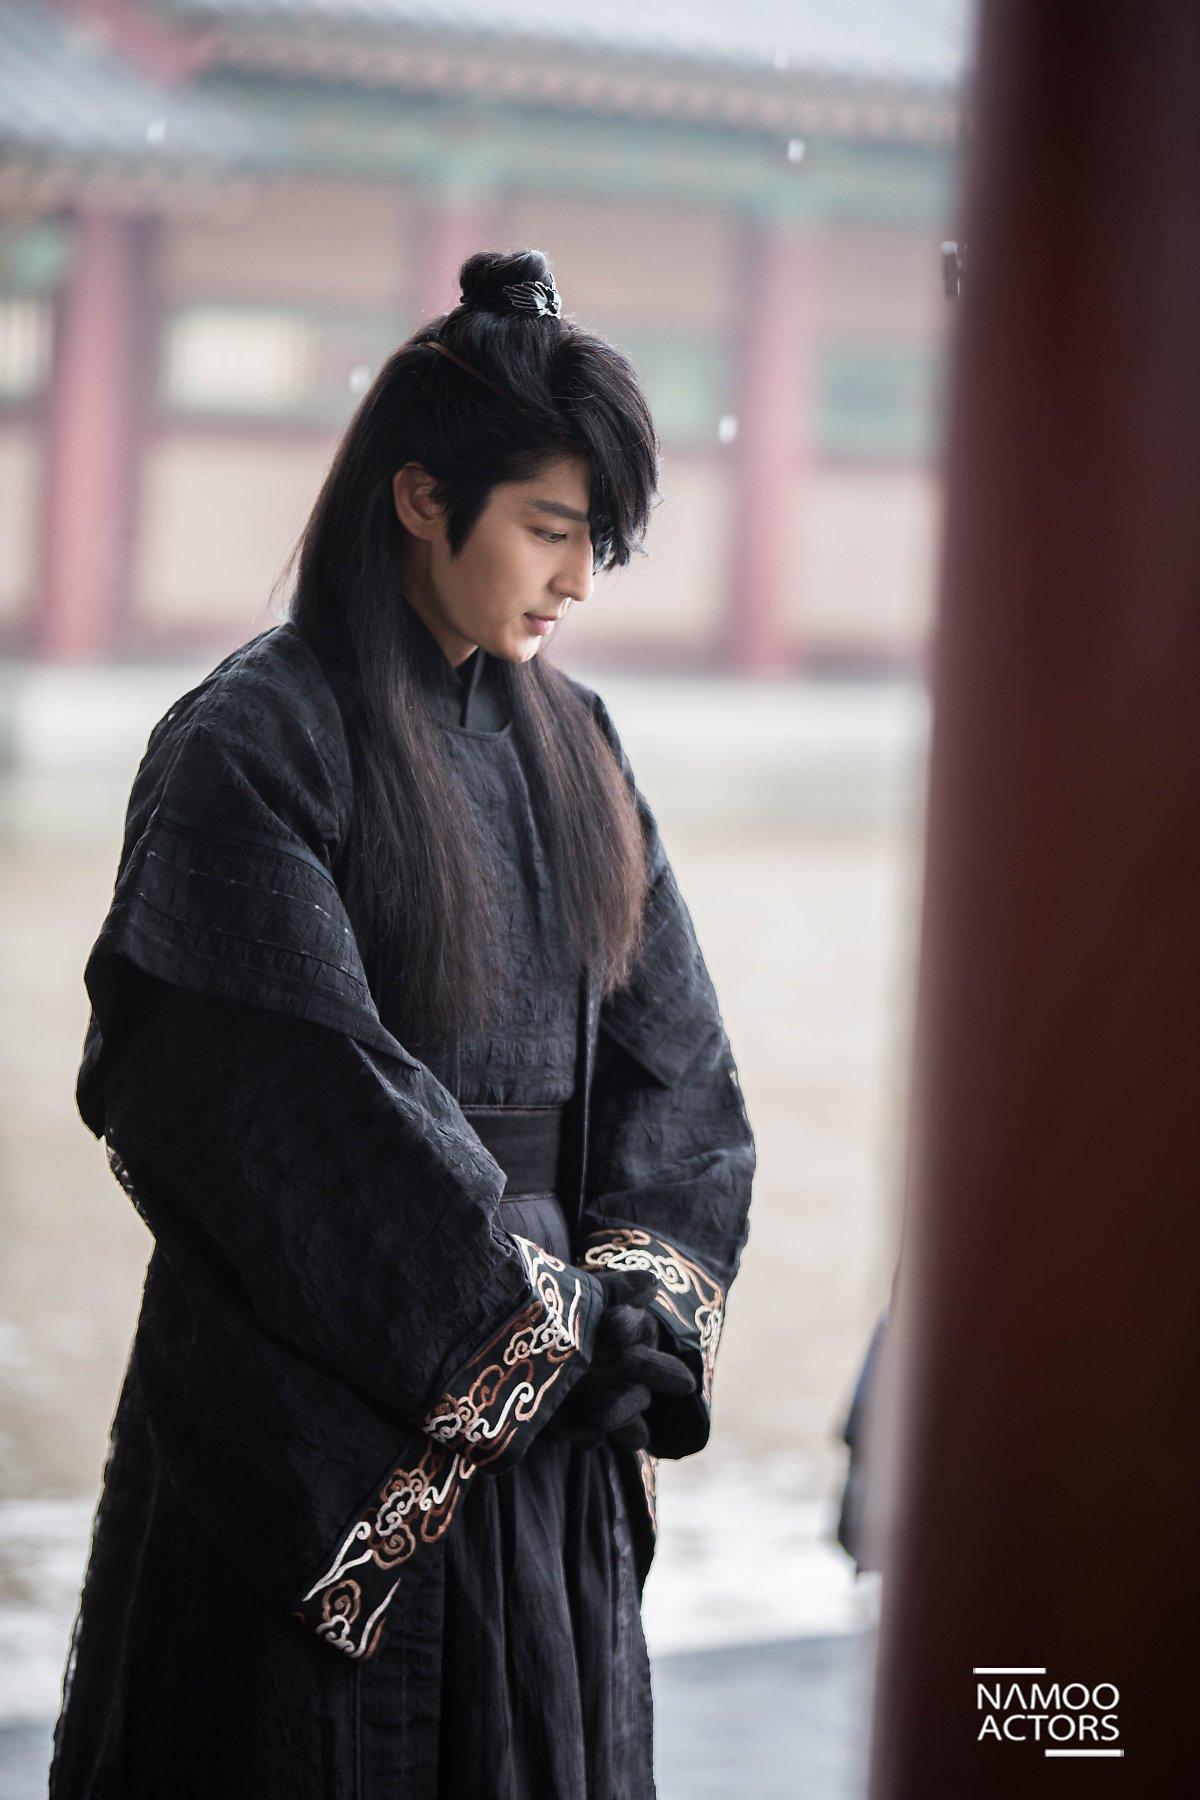 Baekhyun and seul gi dating 1